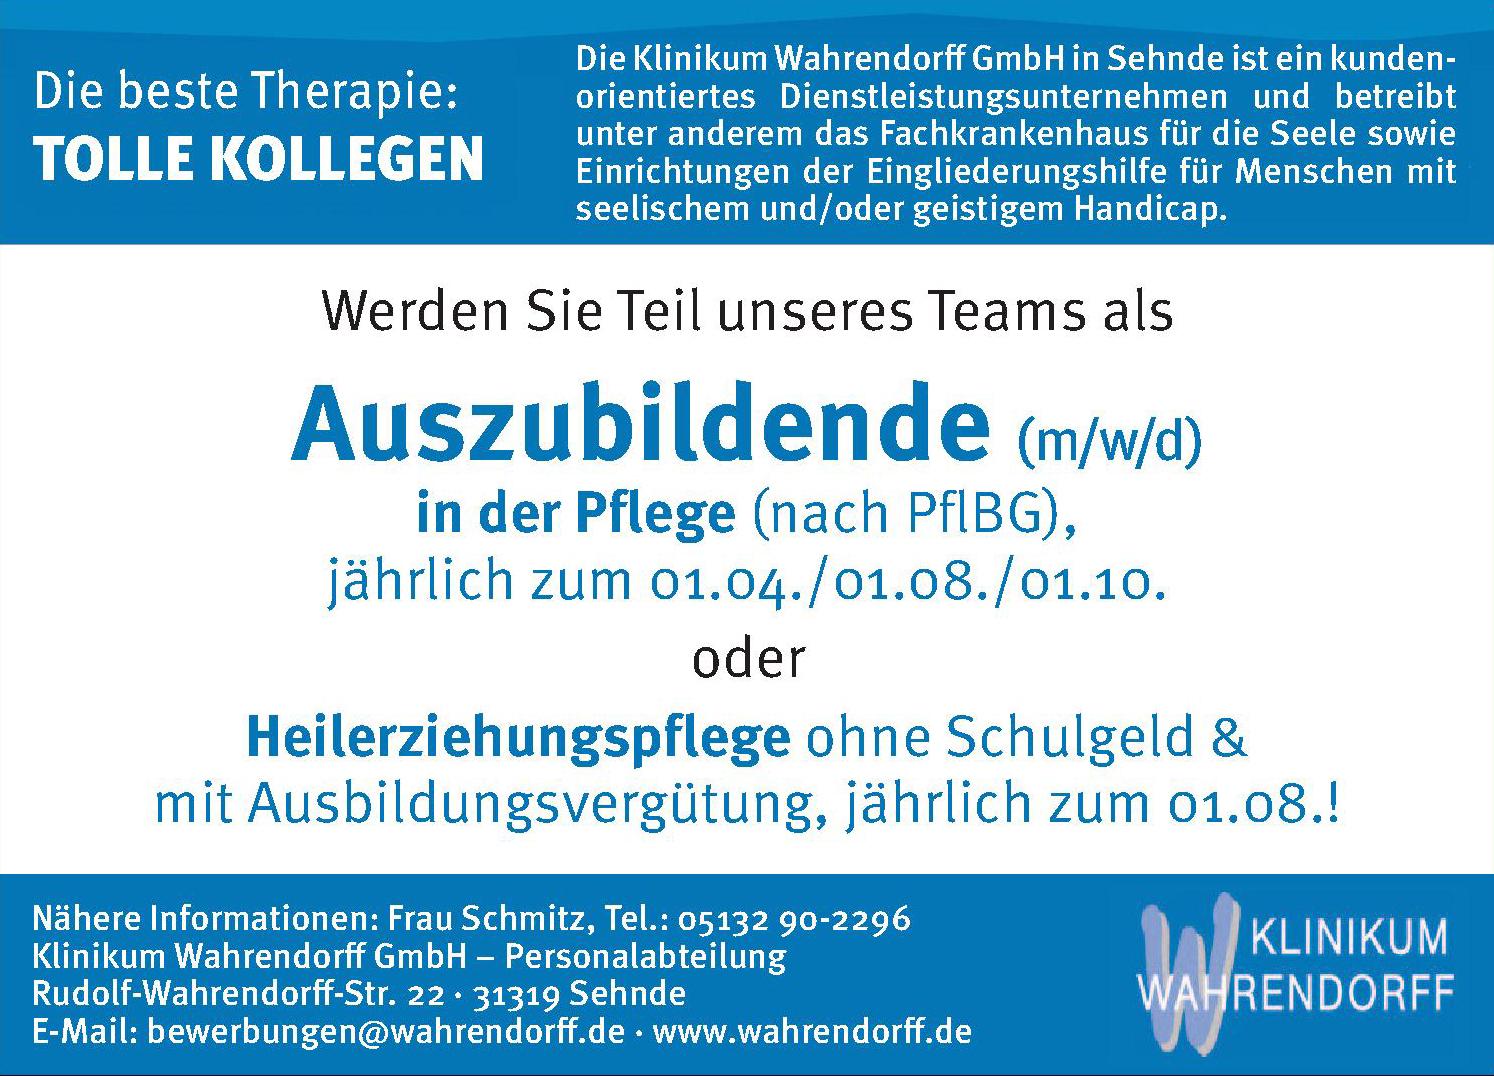 Klinikum Wahrendorff GmbH – Personalabteilung